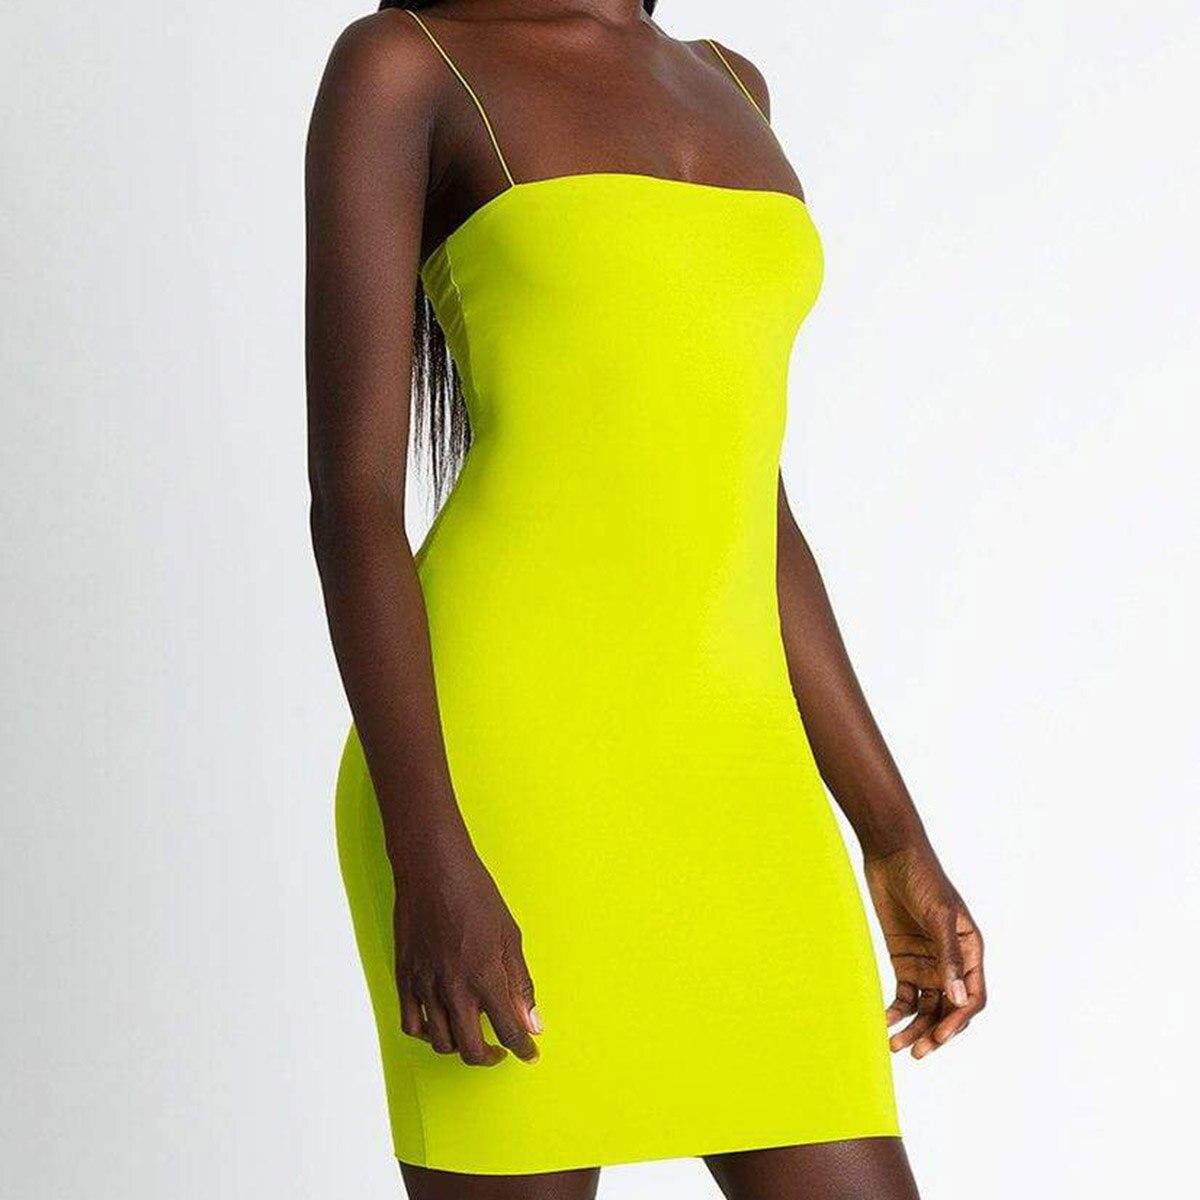 Новинка, горячее предложение, женские летние одноцветные Сексуальные облегающие Мини платья, вечернее платье без рукавов, Клубная одежда, облегающее платье